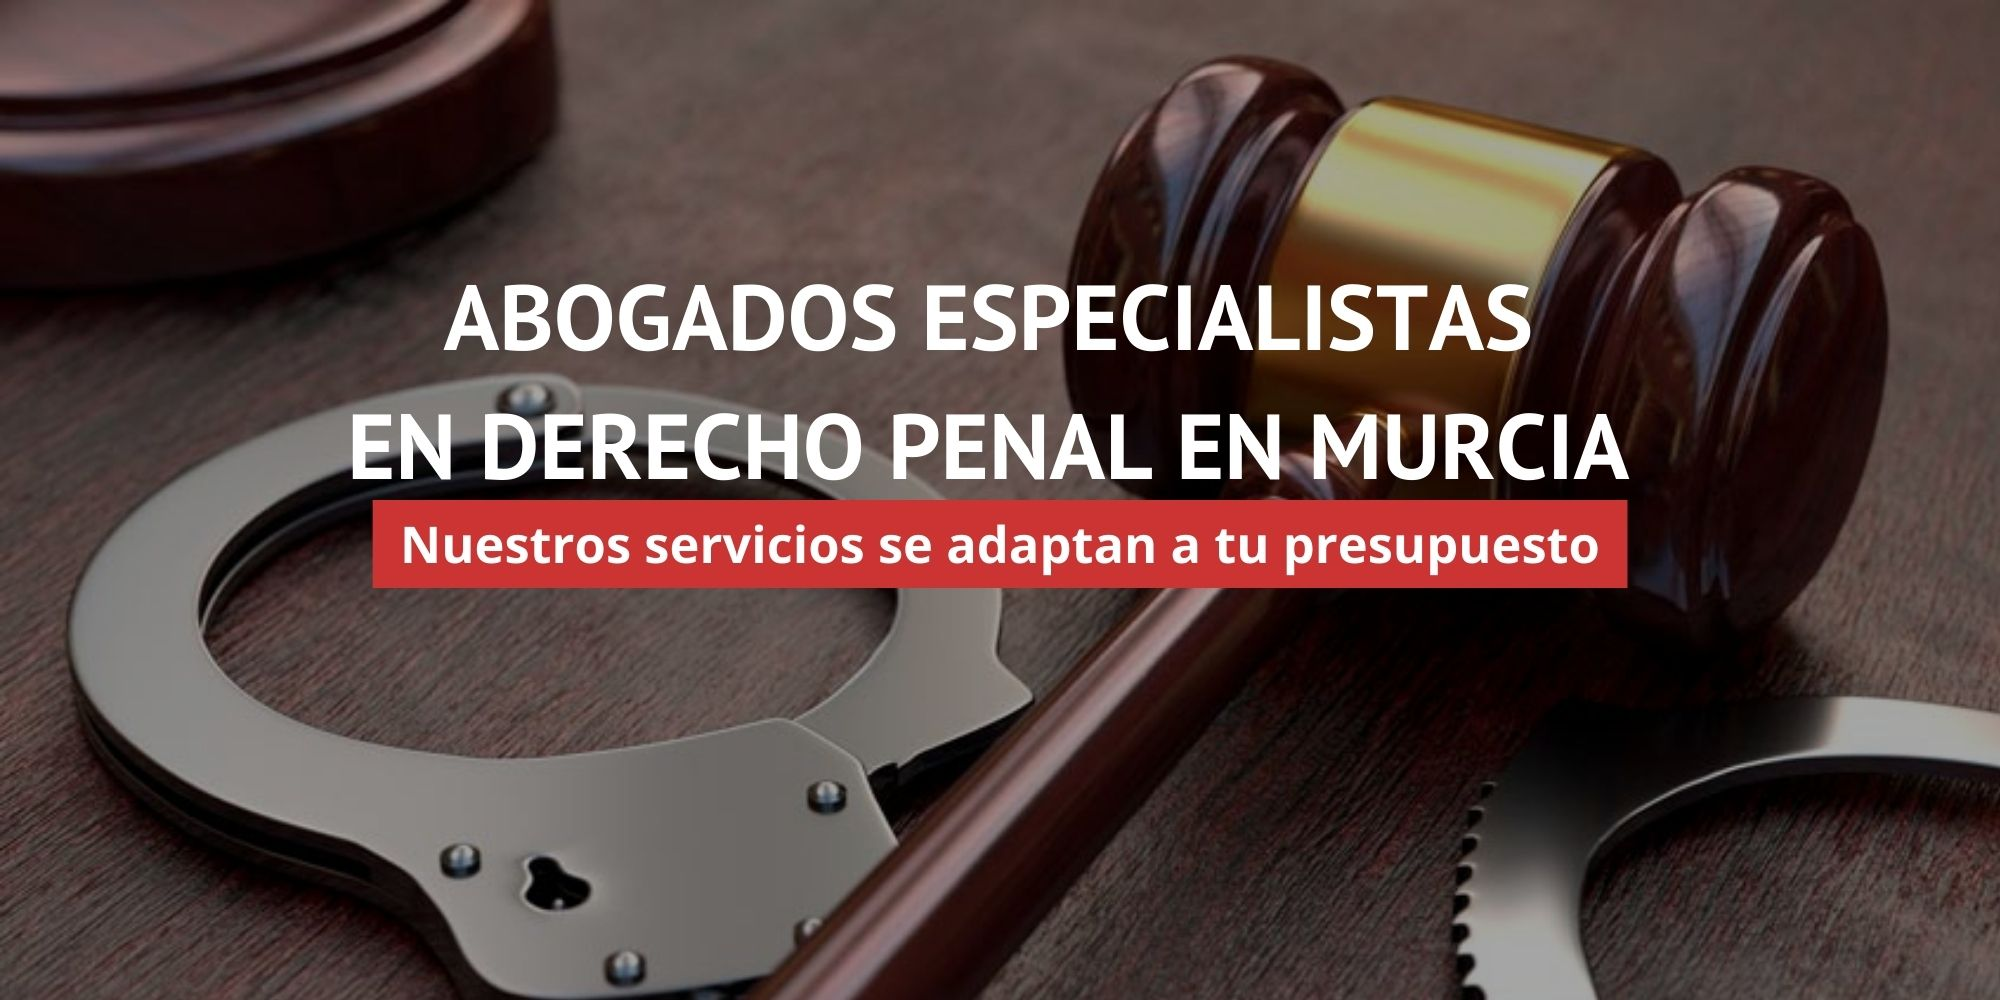 Abogados Penal Murcia - Primera Visita Gratis | ACC LEGAL ABOGADOS